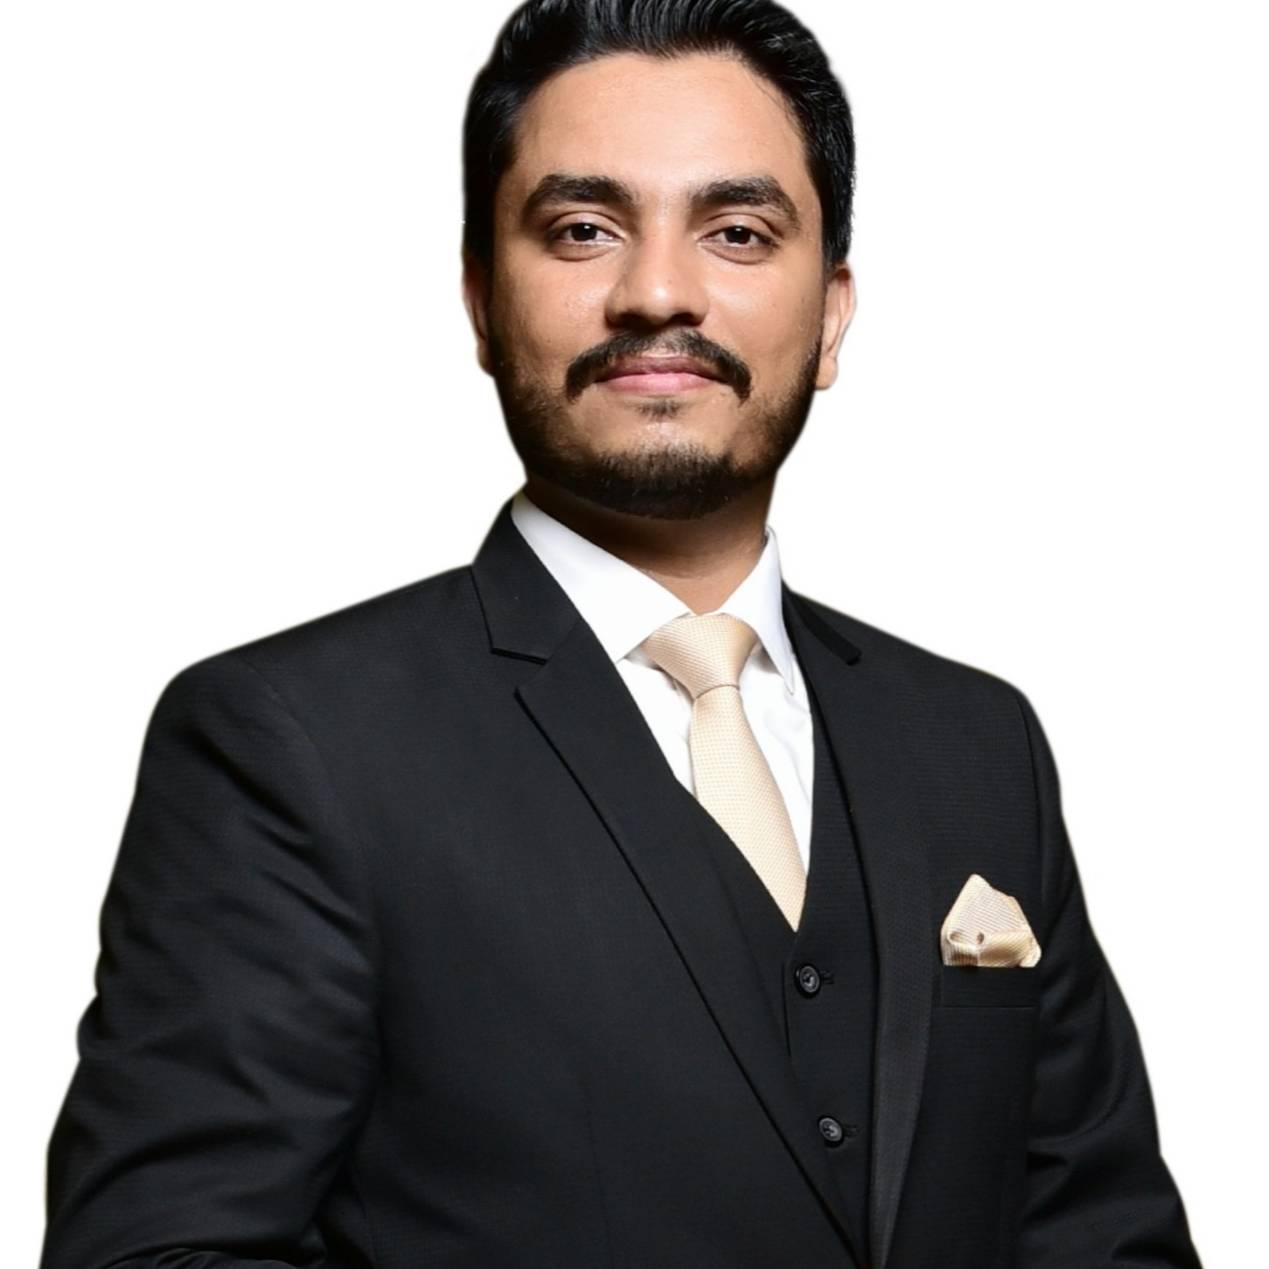 Shaikh Humaim